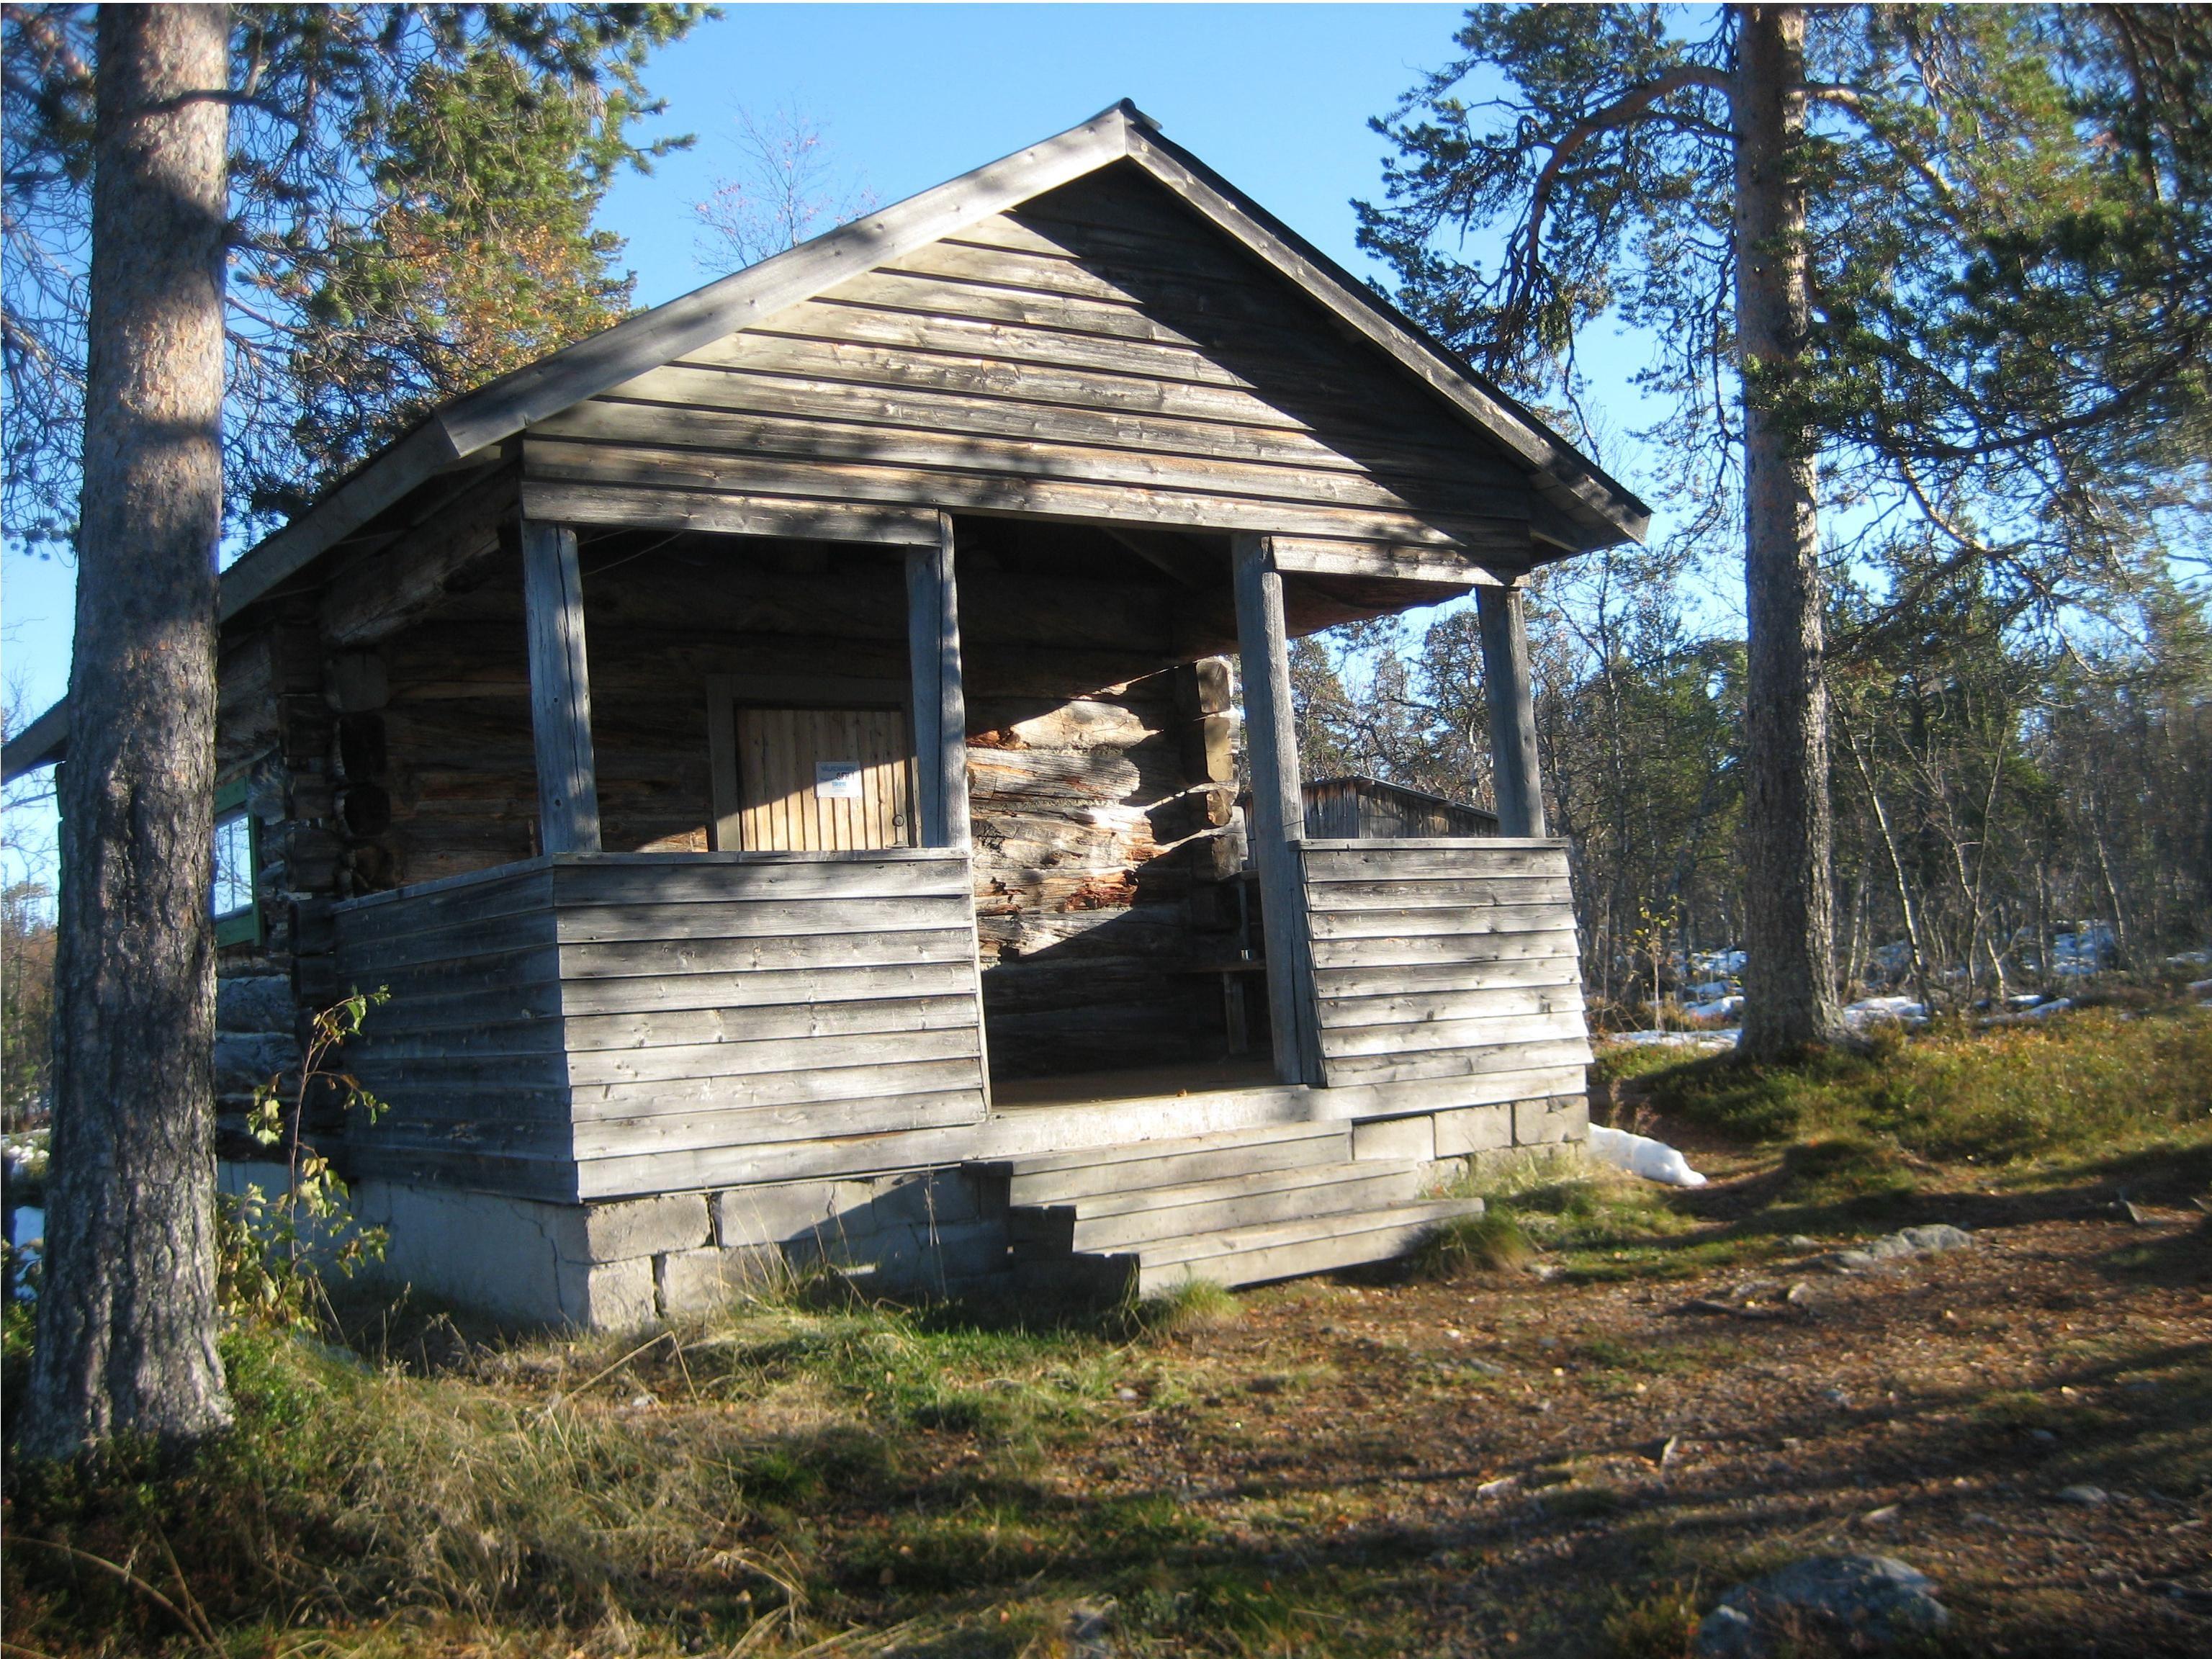 SFH 1 Harundsjön, Idre